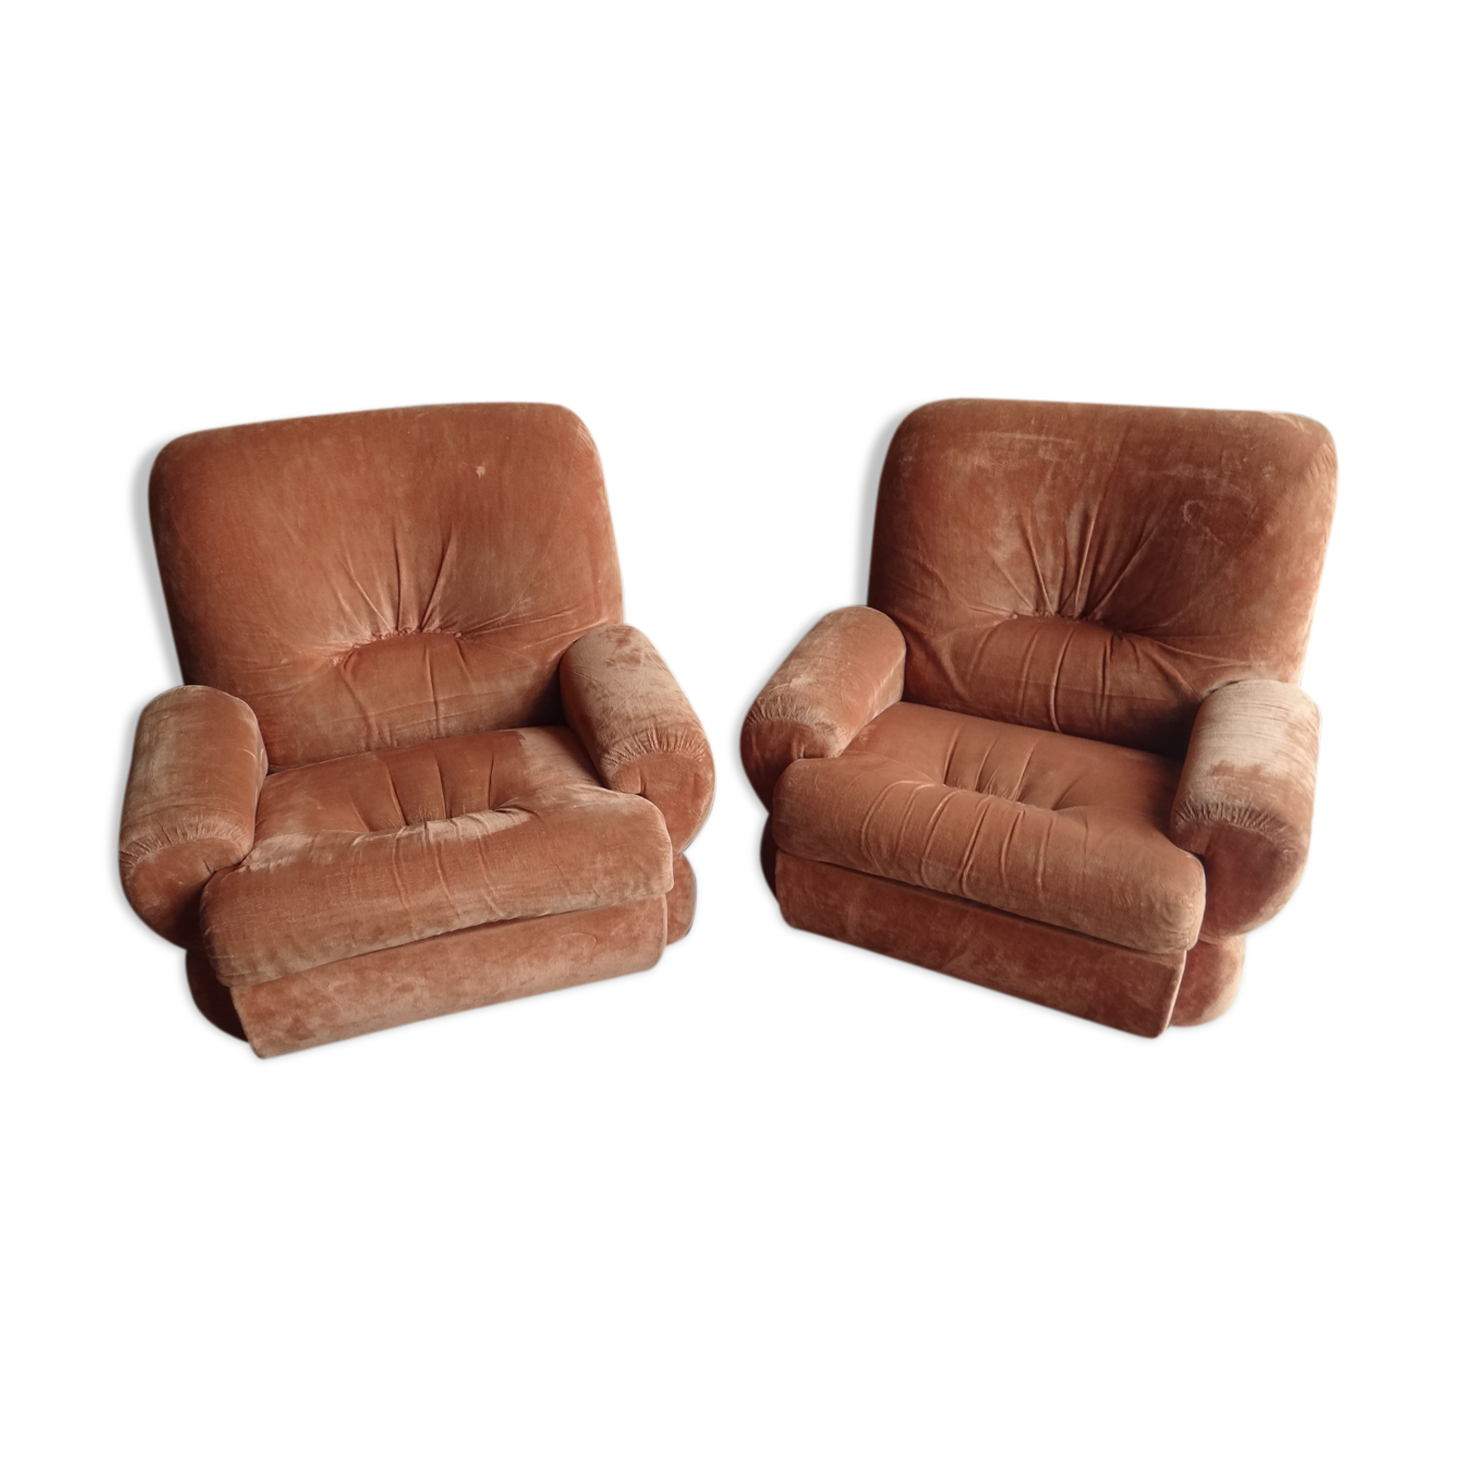 Paire de fauteuils vintage 70 space age